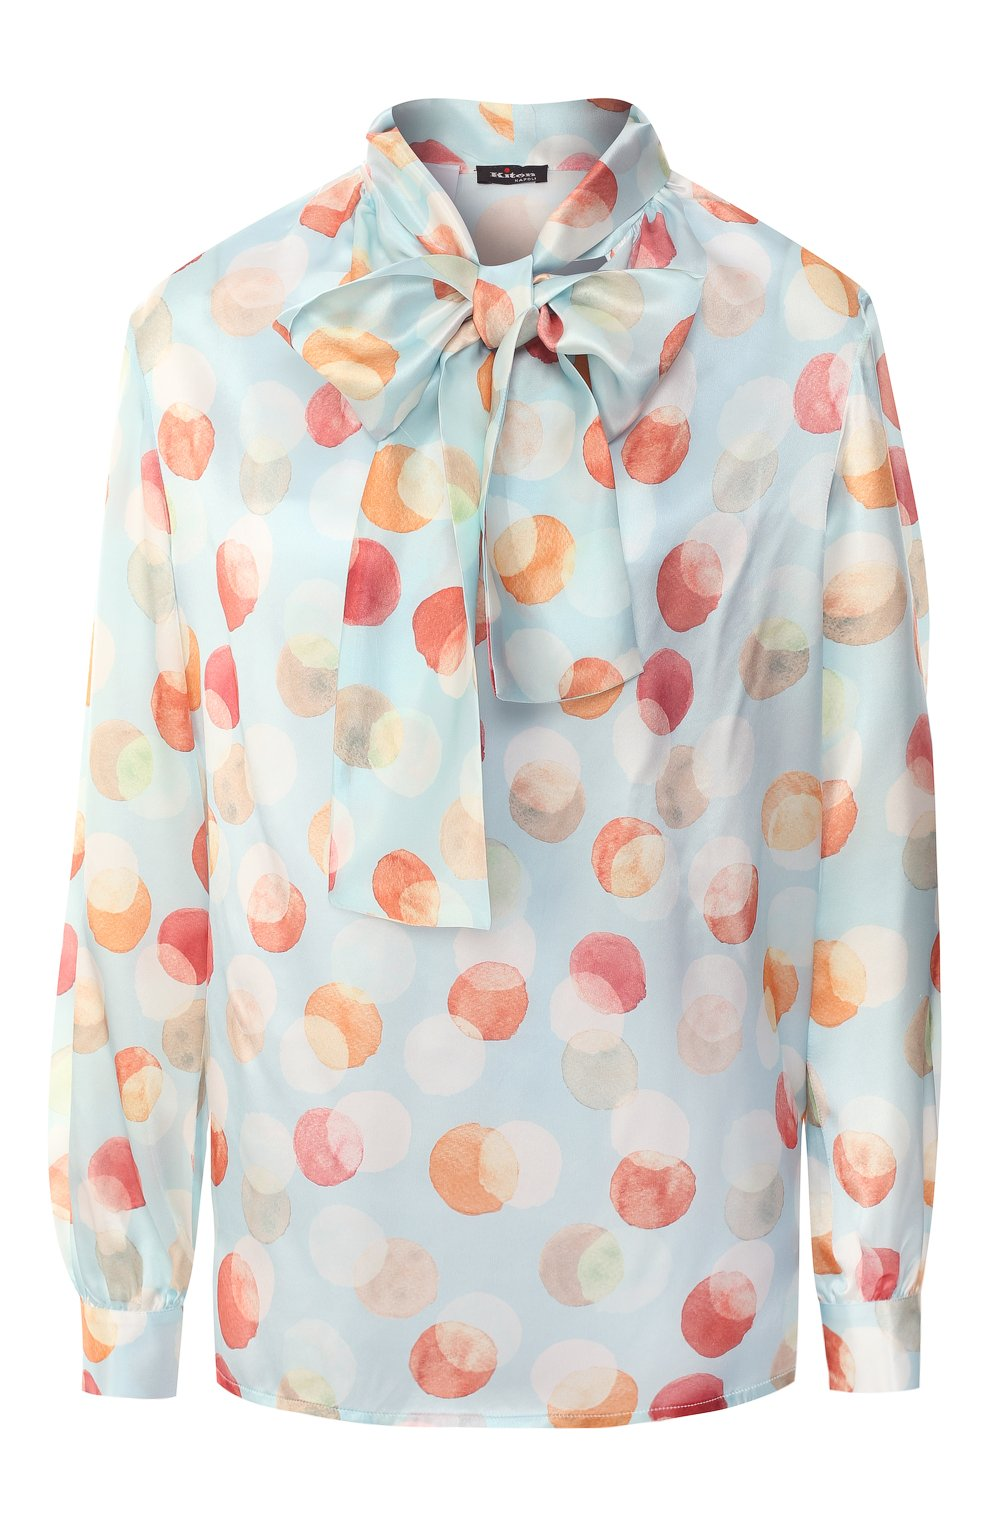 746ee17146ad Шелковая блузка